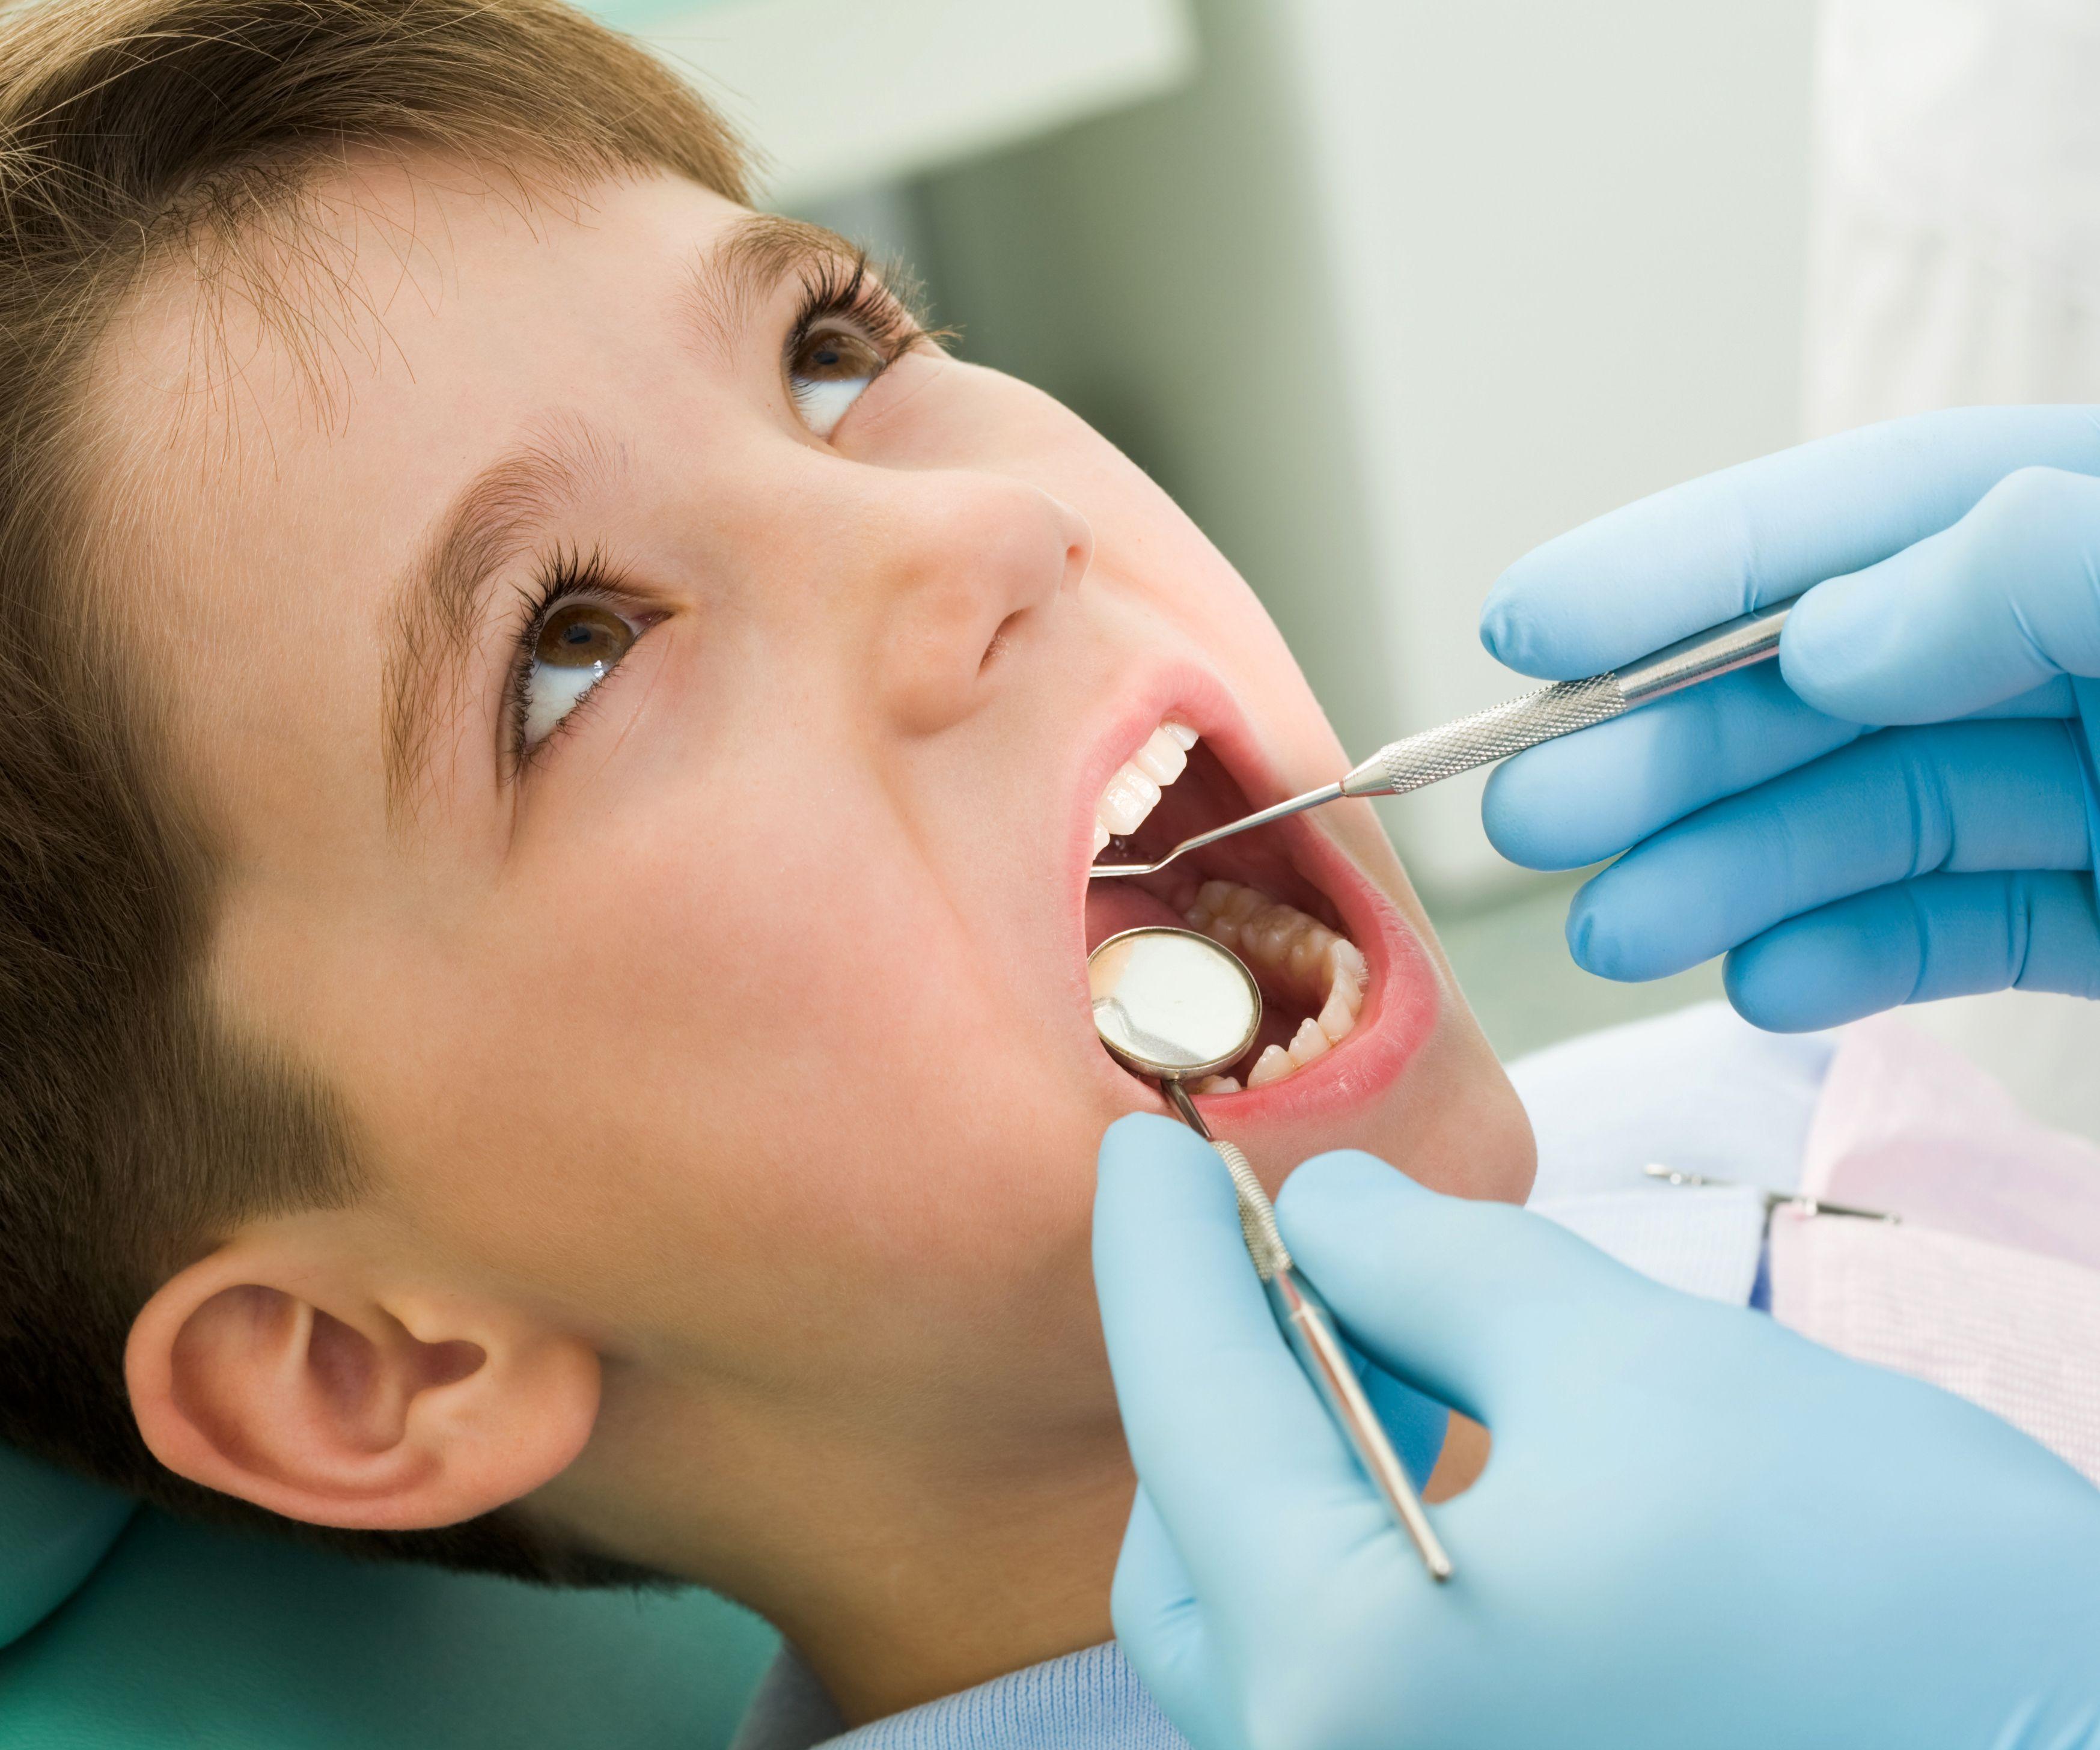 Foto 15 de Clínicas dentales      en Gandía | Clínica Dental Empar Benlloch